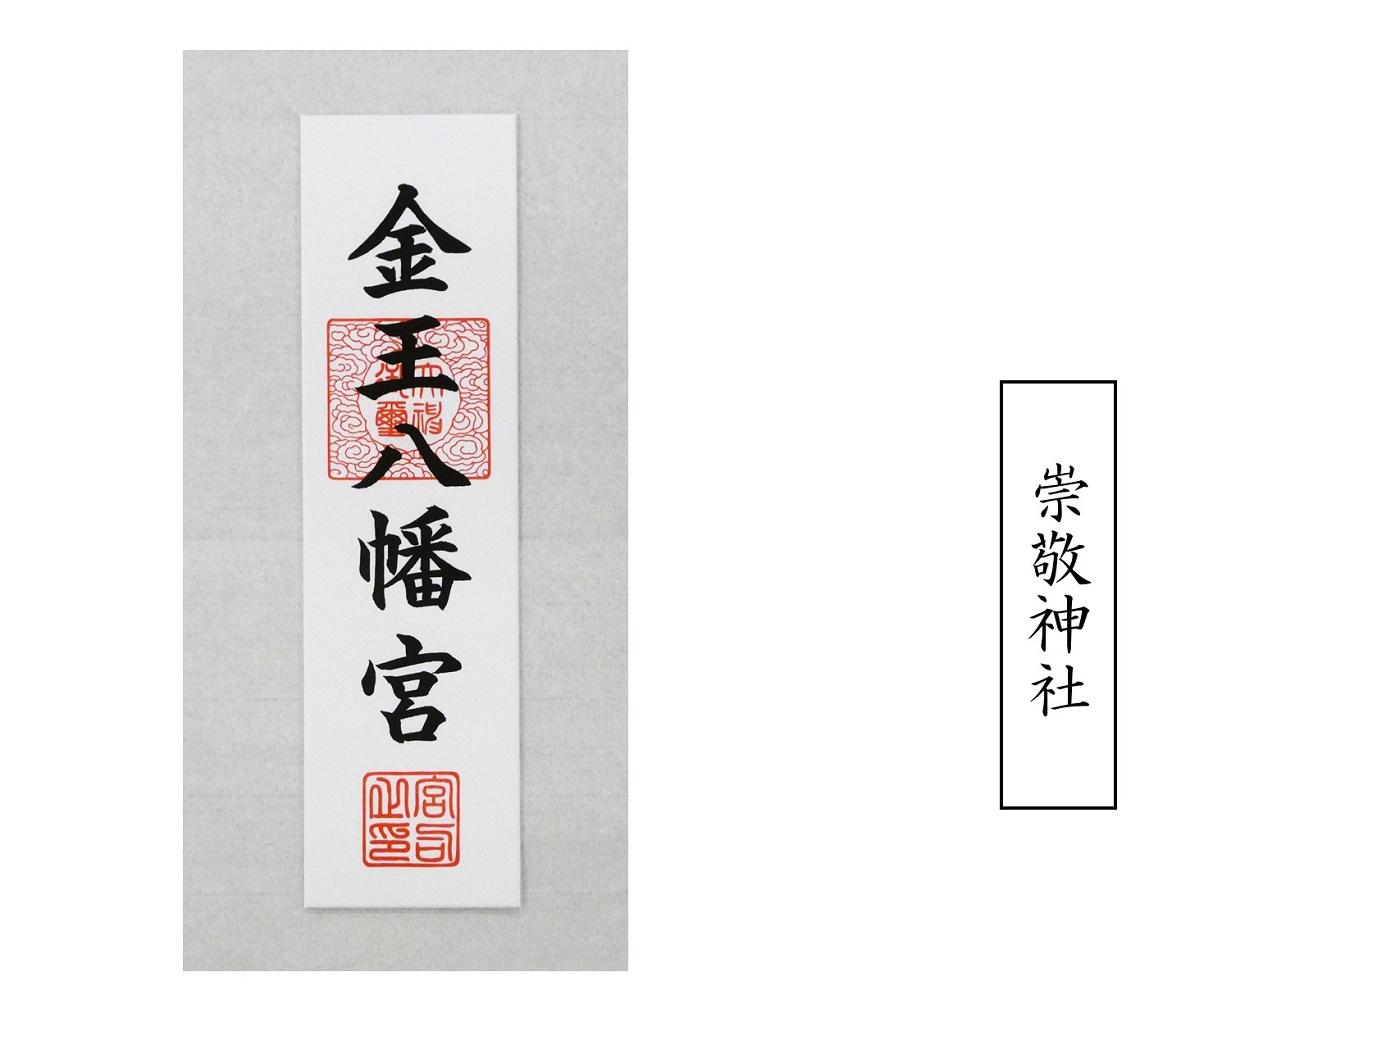 崇敬神社のお札